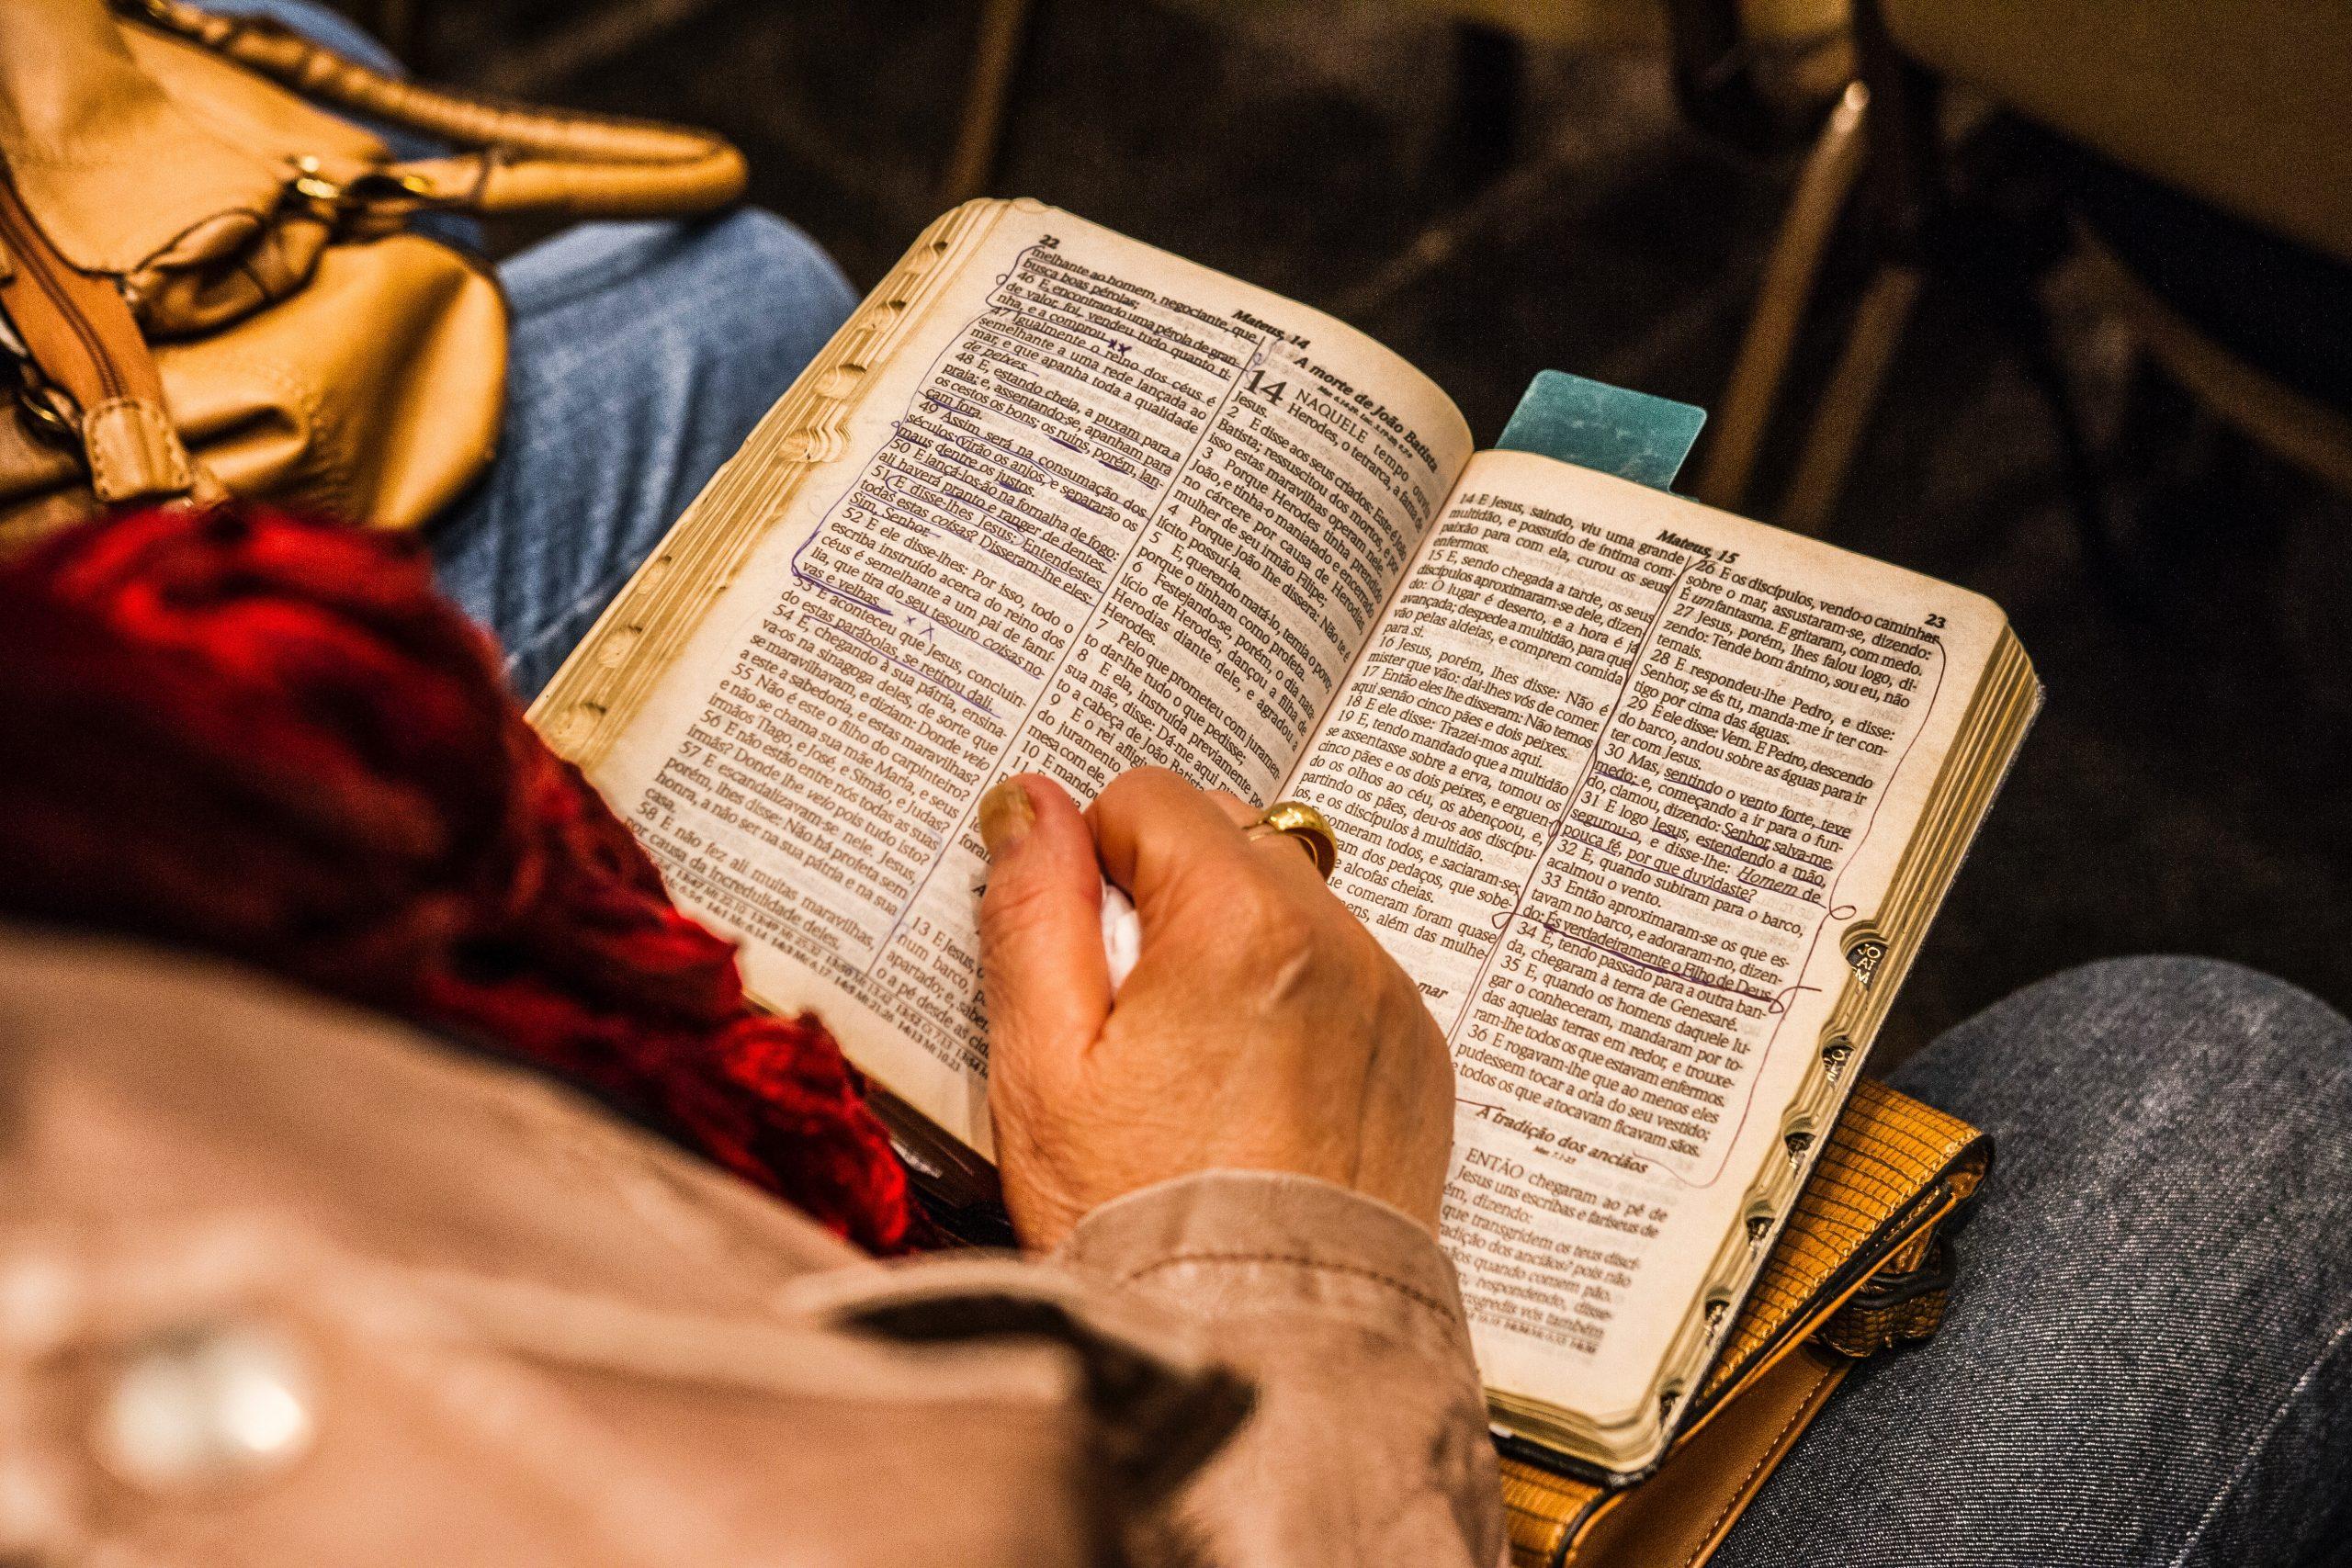 'Leven uit de kracht van het Evangelie'